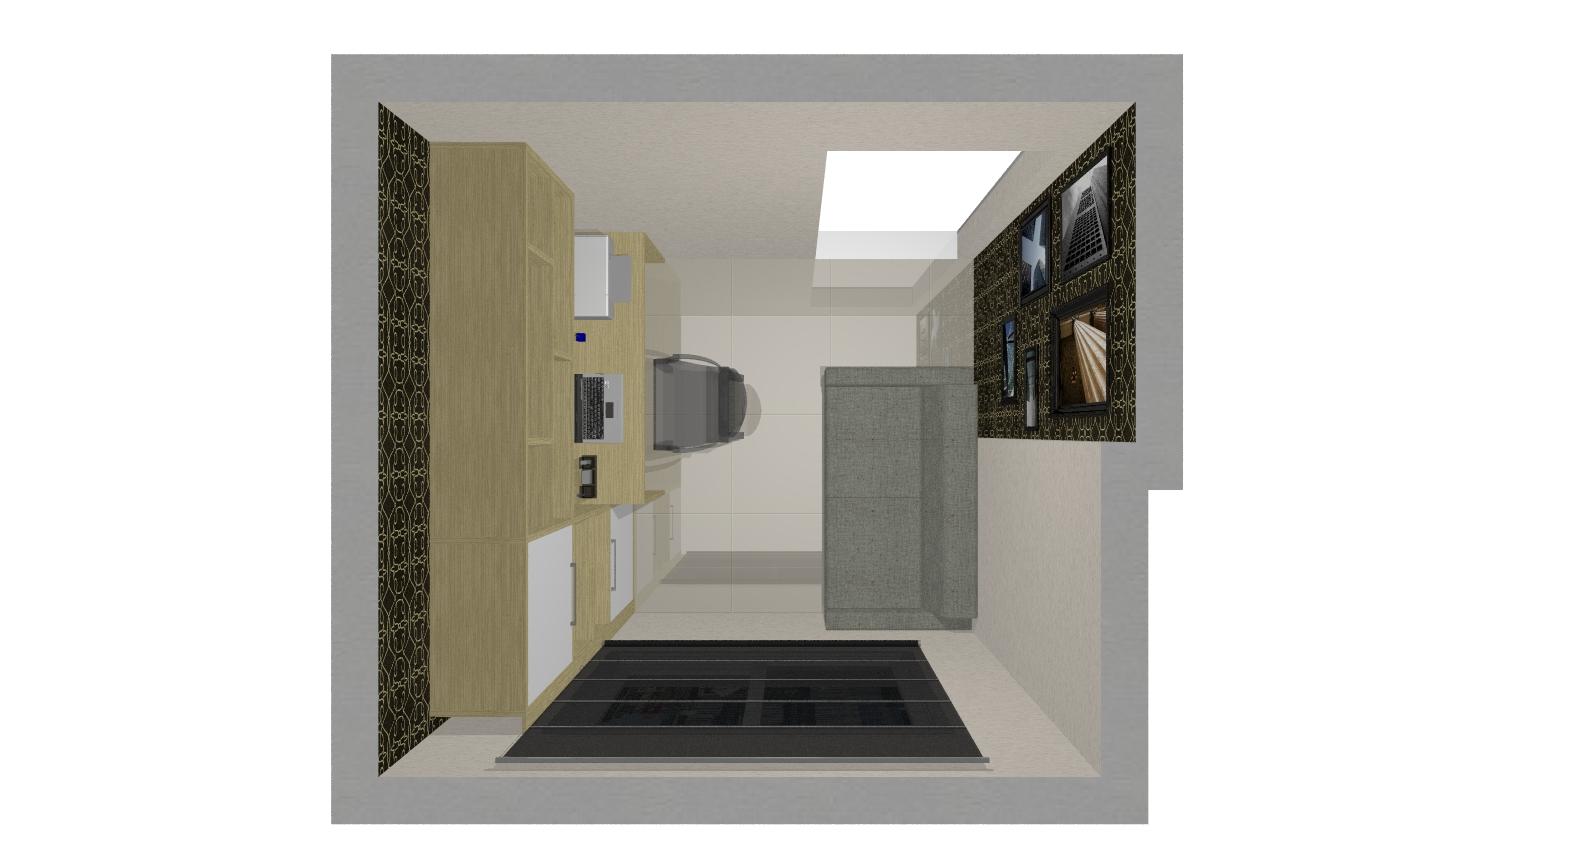 gabinete apesar de ser um espaço pequeno foi feito de acordo com  #3D4361 1592 864